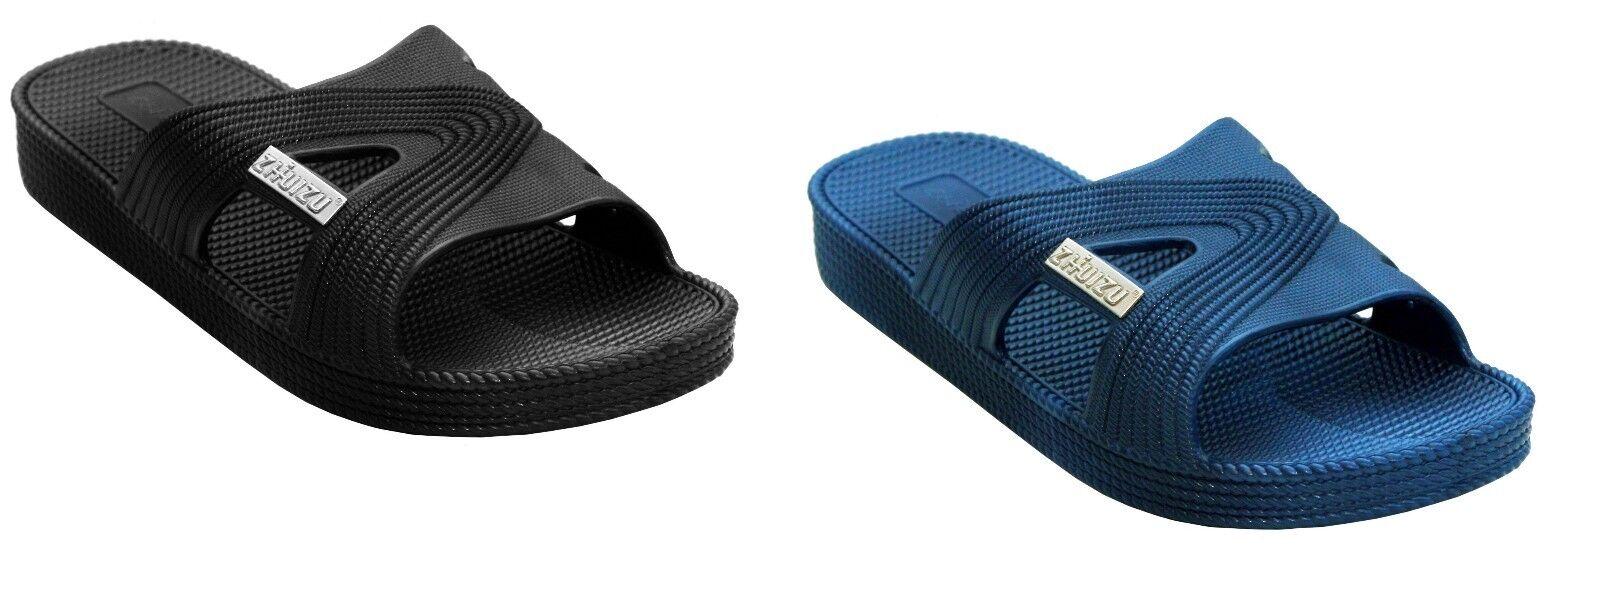 New Mens pool Slip On Beach Shower Mules Flip Flops pool Mens Sliders sandals Size 6ee05d